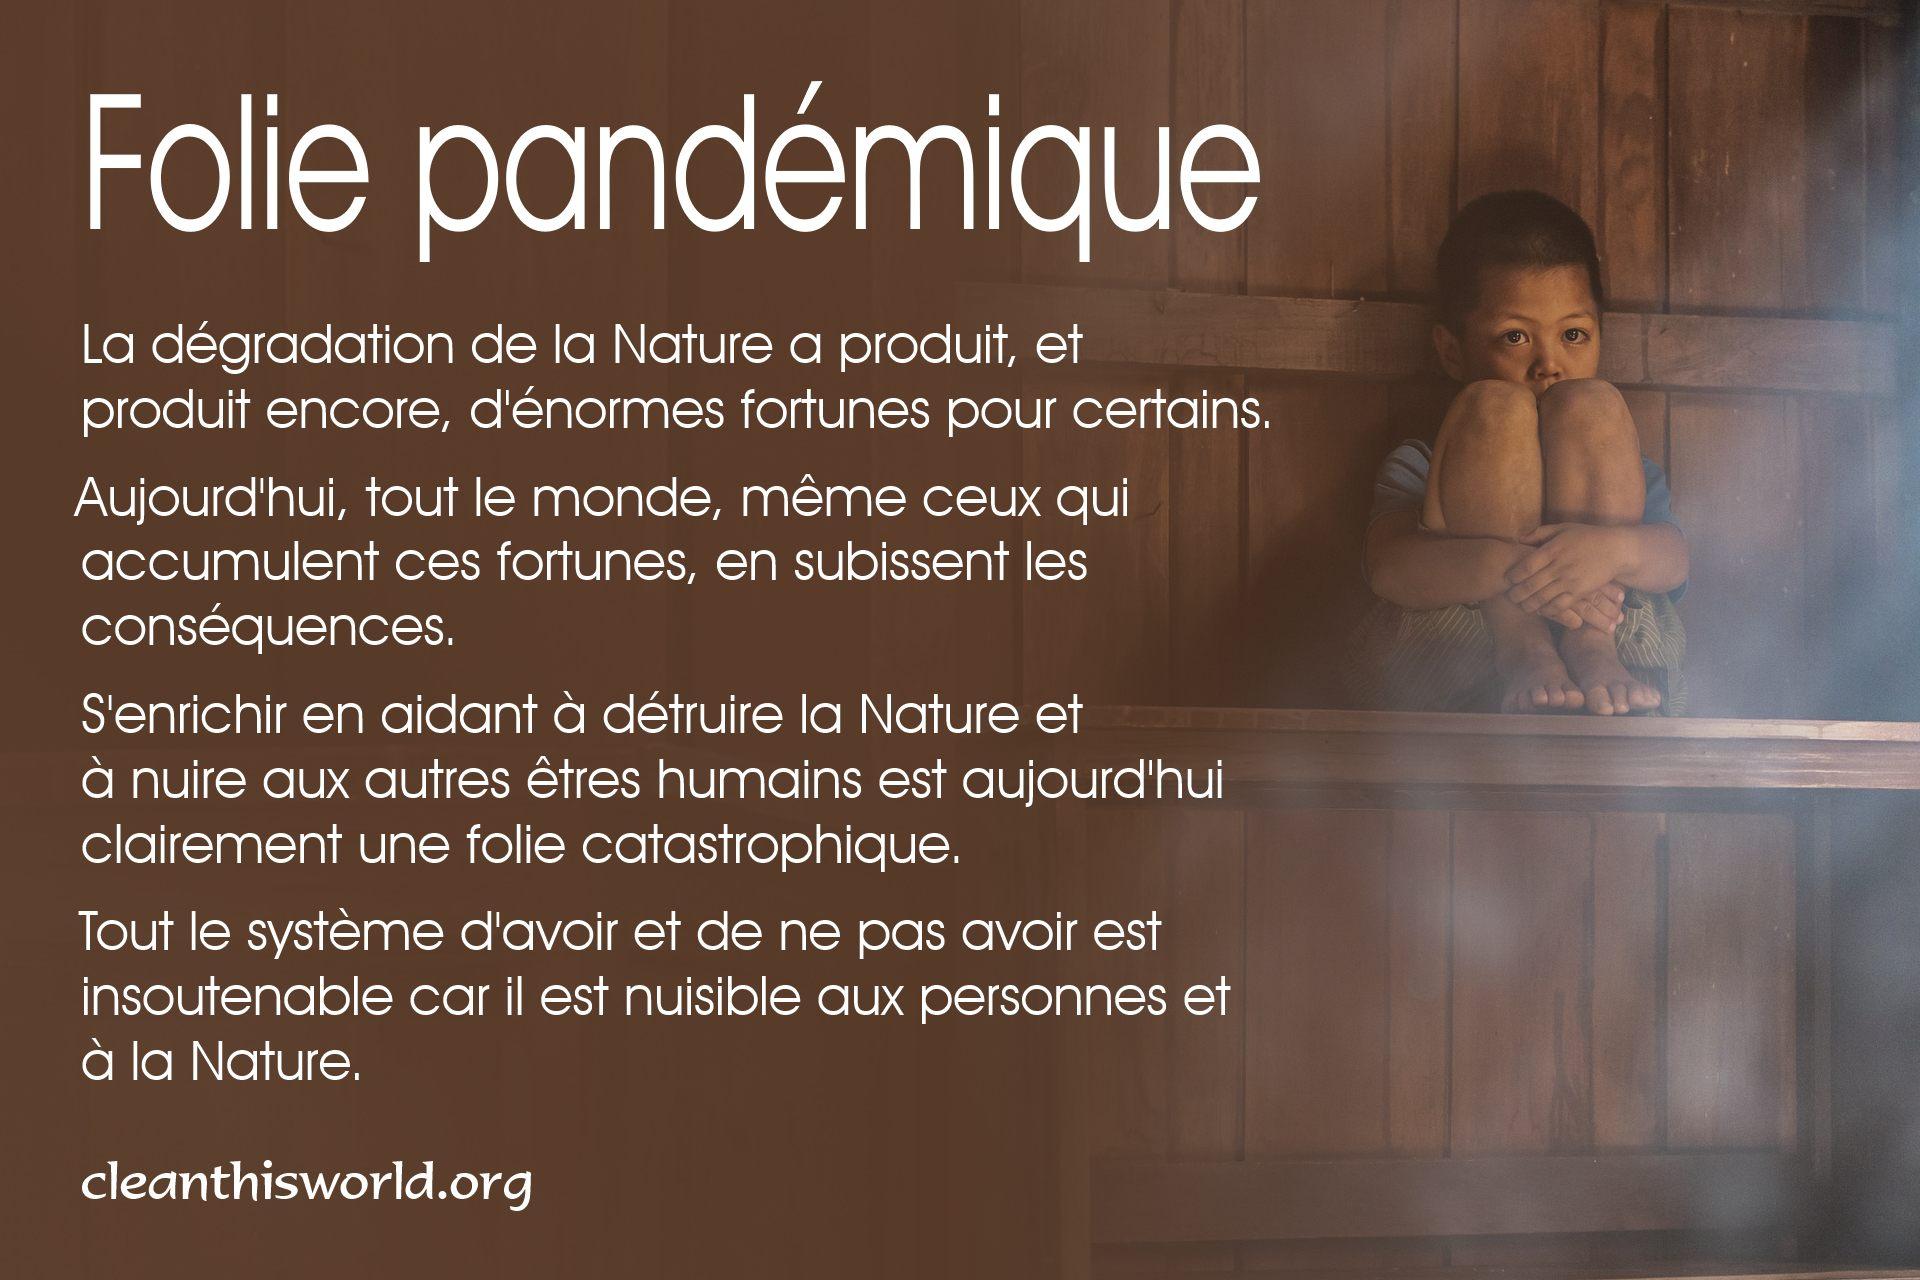 Folie pandémique